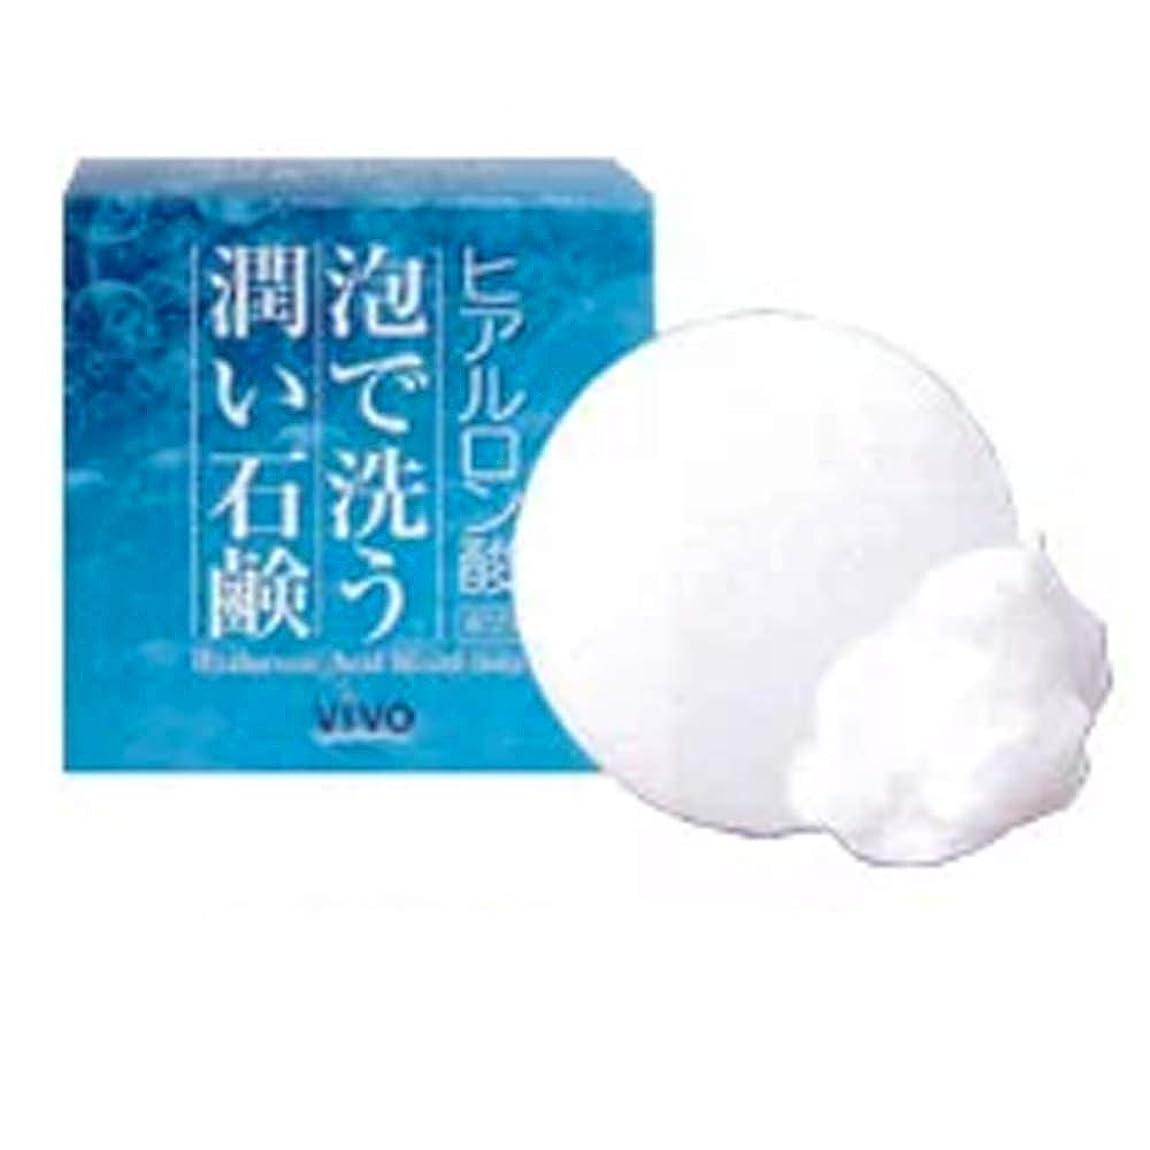 普通の製造業冷酷なBella Vivo ヒアルロン酸洗顔石鹸 3個セット